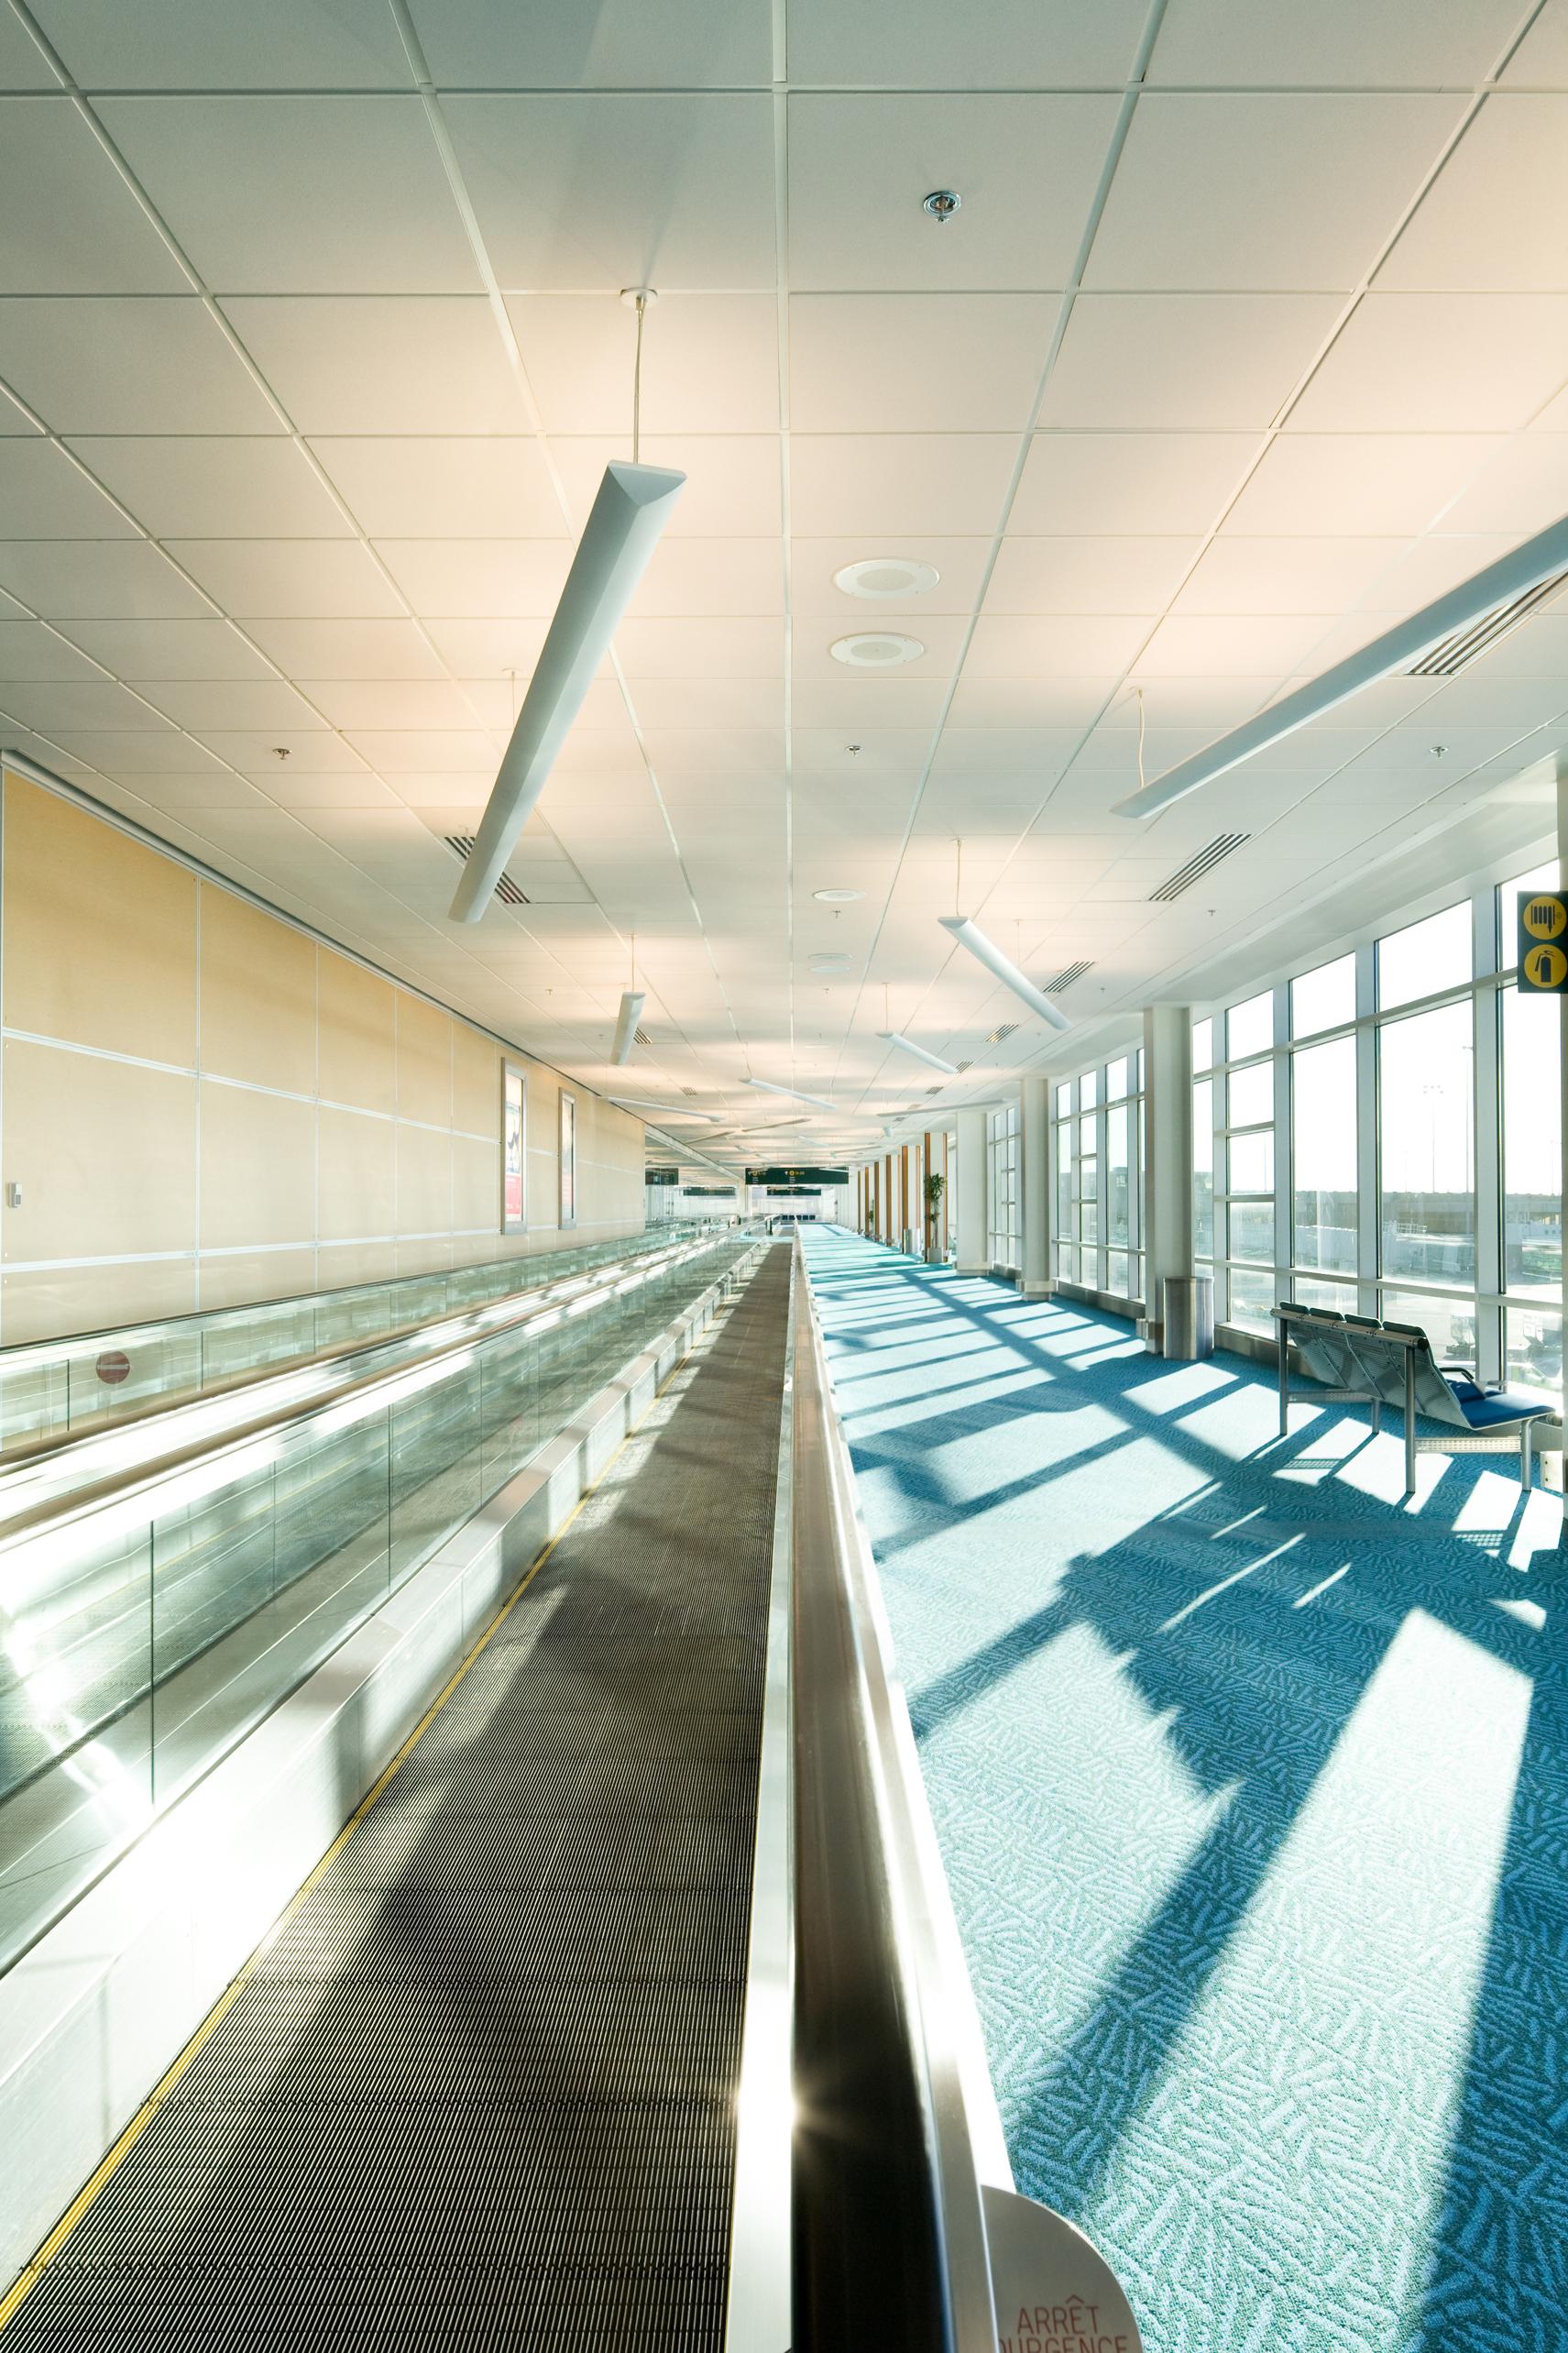 New Sterile Corridor